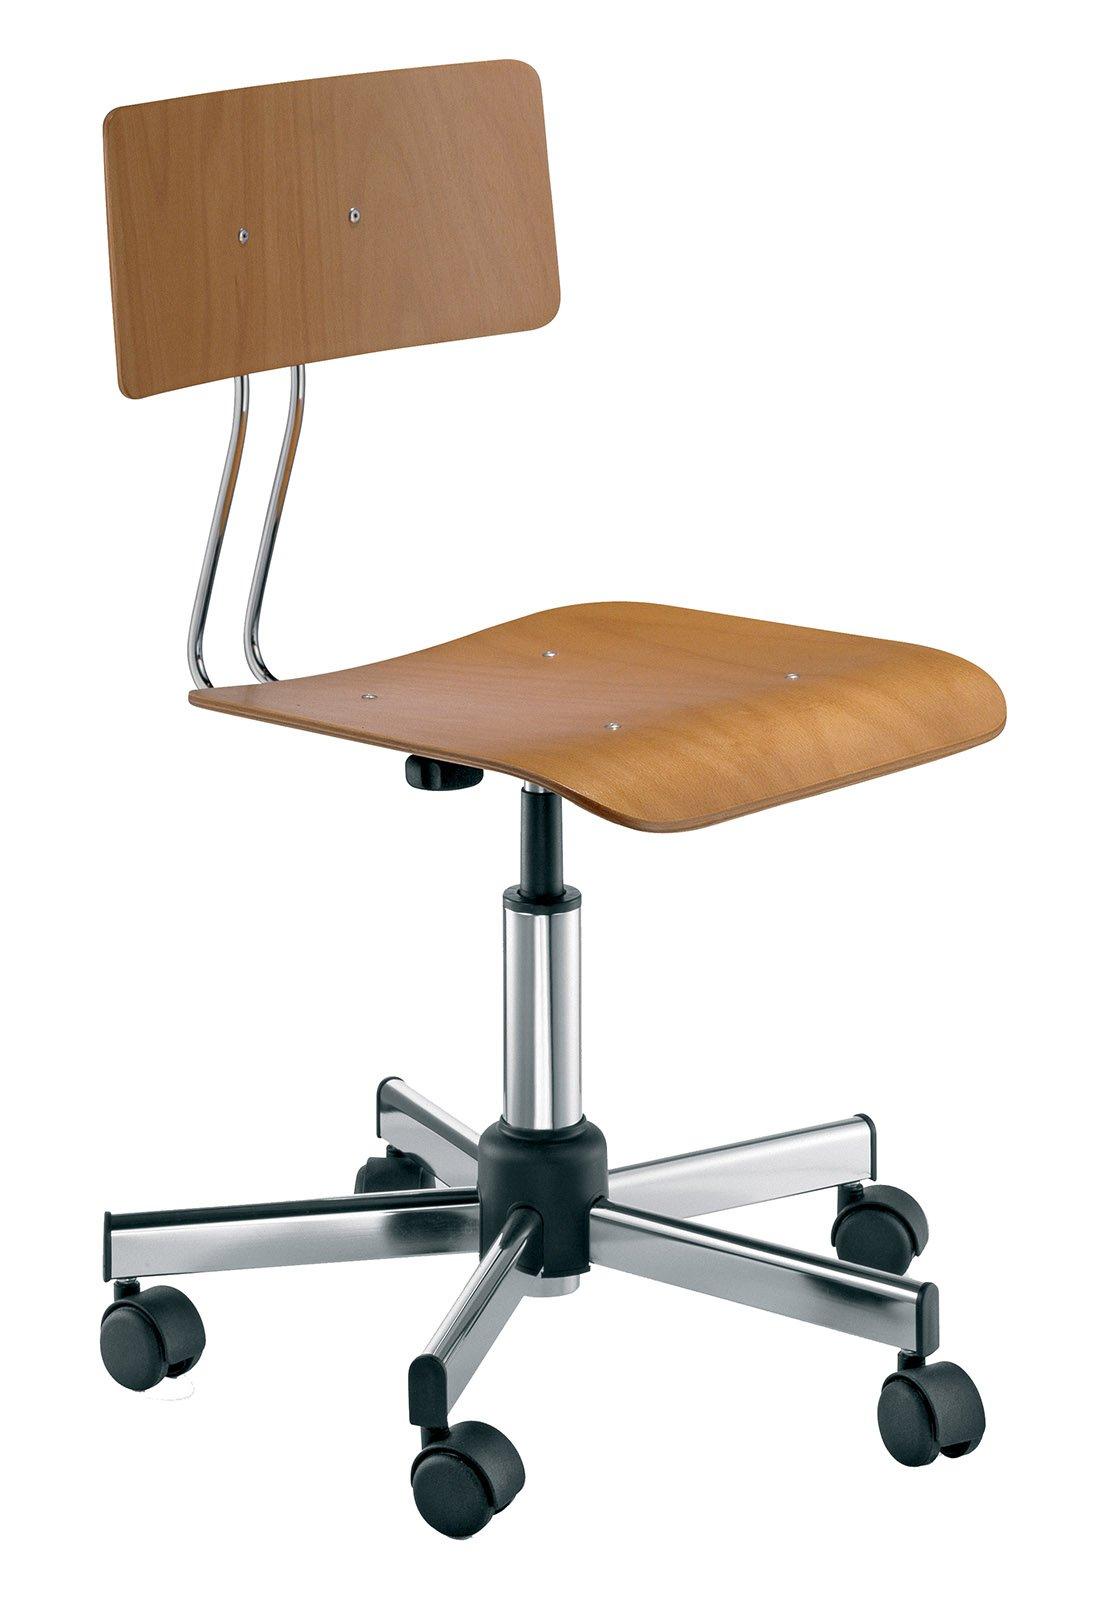 Sedie con le ruote per la scrivania - Cose di Casa